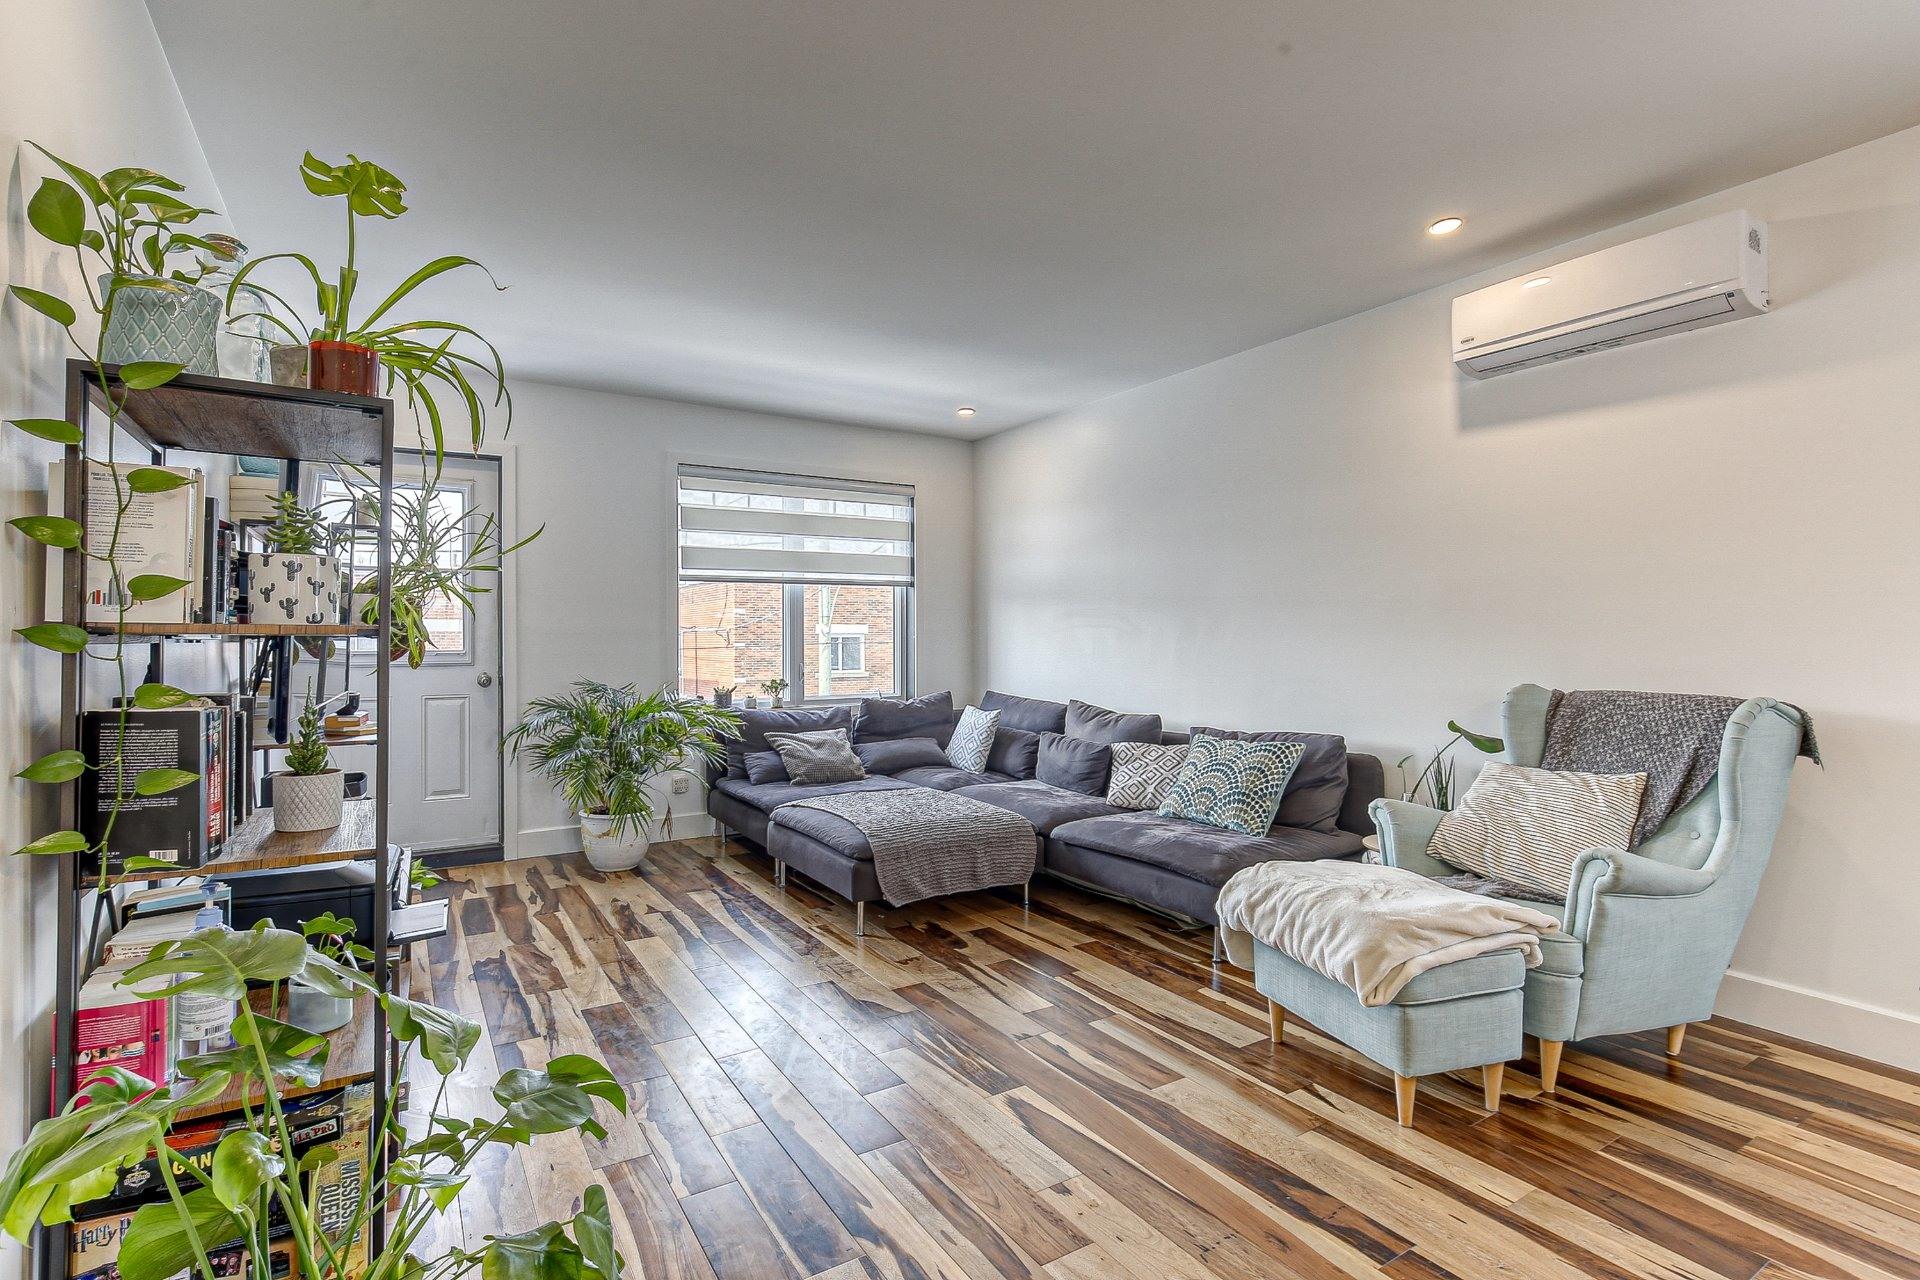 image 5 - Duplex À vendre Villeray/Saint-Michel/Parc-Extension Montréal  - 5 pièces